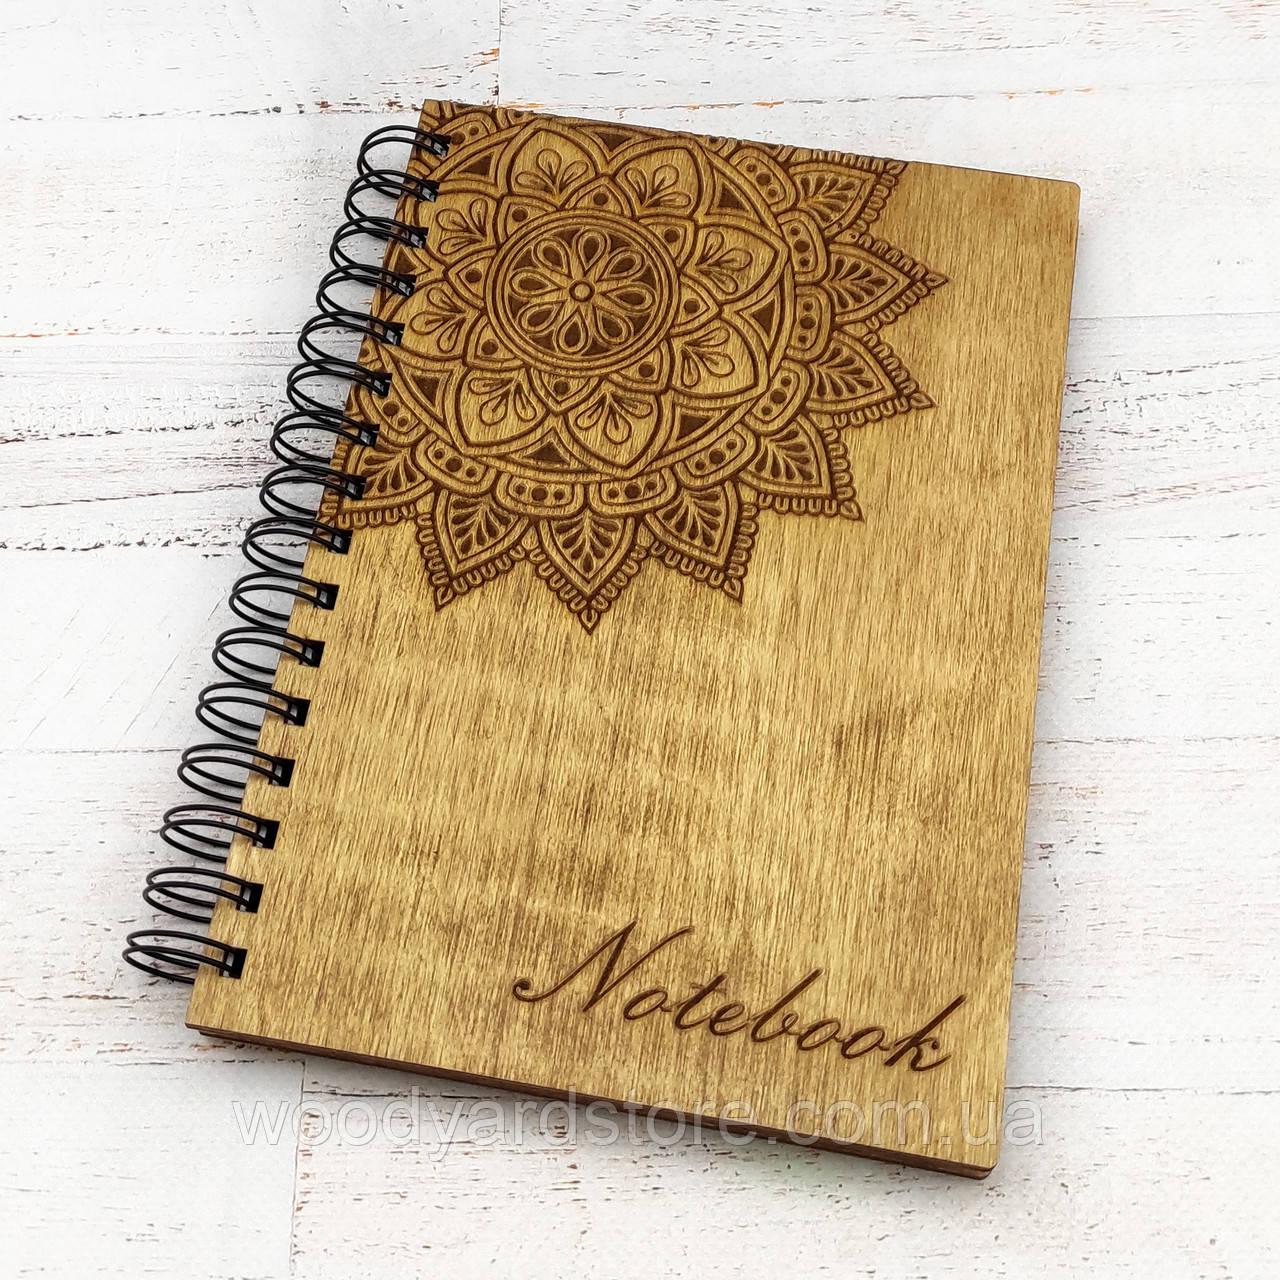 """Дерев'яний блокнот А5. Дизайн """"Мандала"""". Аркуші кольору """"слонова кістка"""" в клітинку.  Колір обкладинки дуб (світло-коричневий)."""